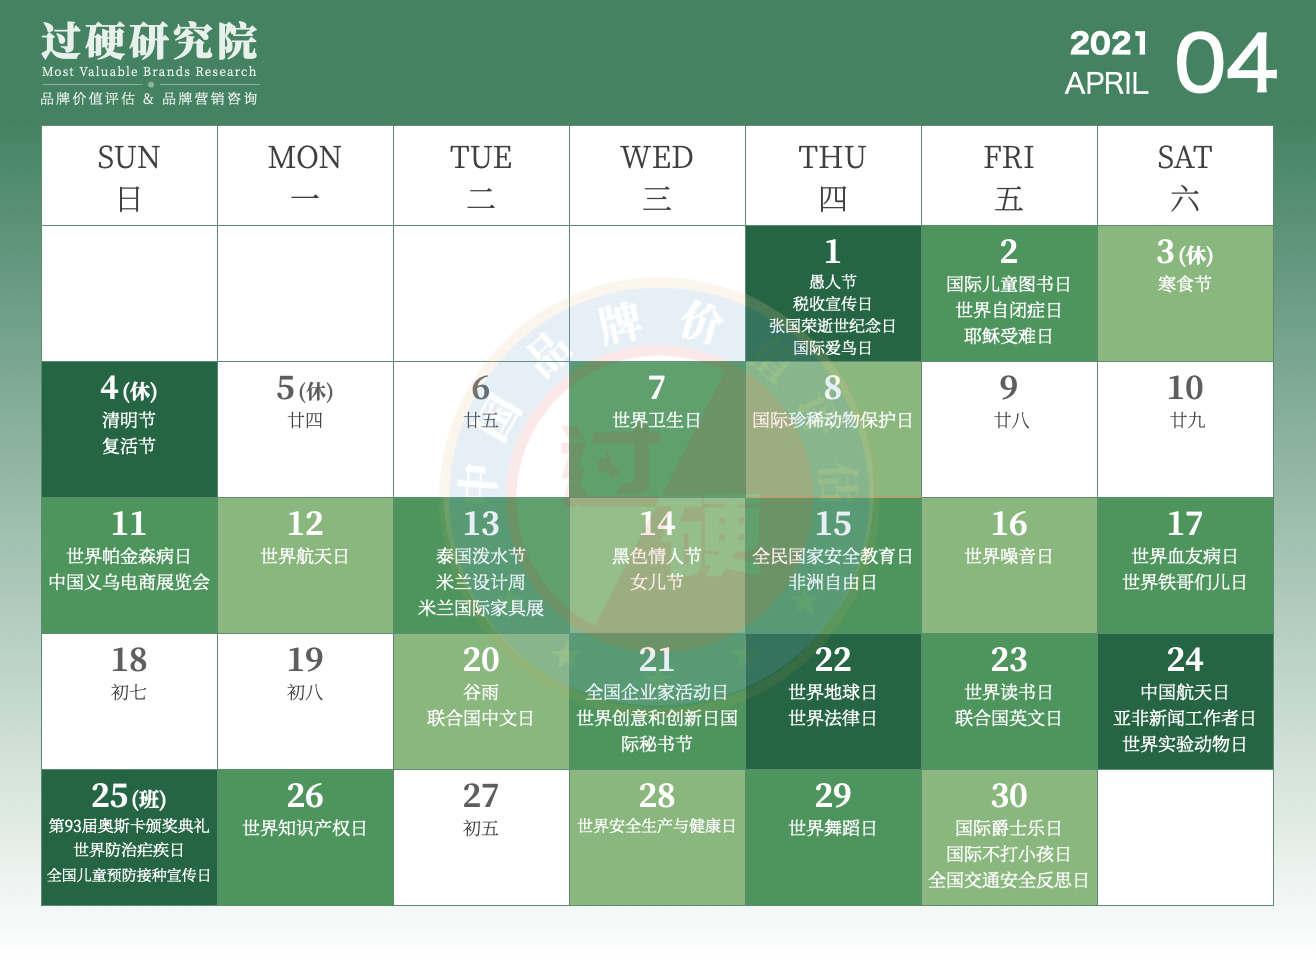 过硬2021年4月营销日历